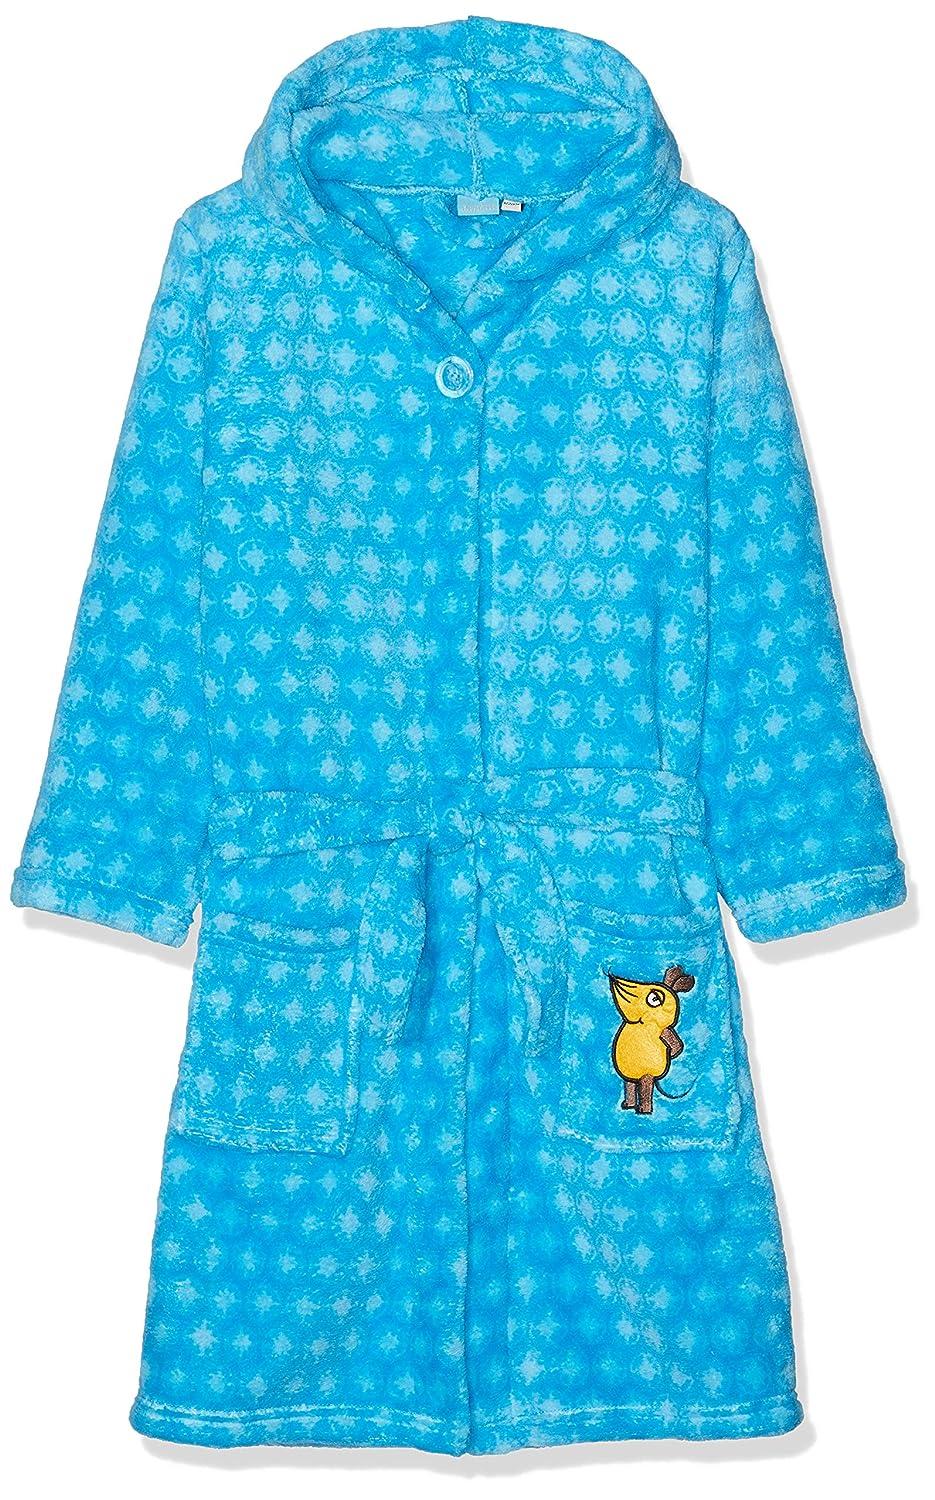 Playshoes Kinder Fleece-Bademantel mit Kapuze Sternen-Stickung allover die Maus- flauschiger Morgenmantel f/ür Jungen